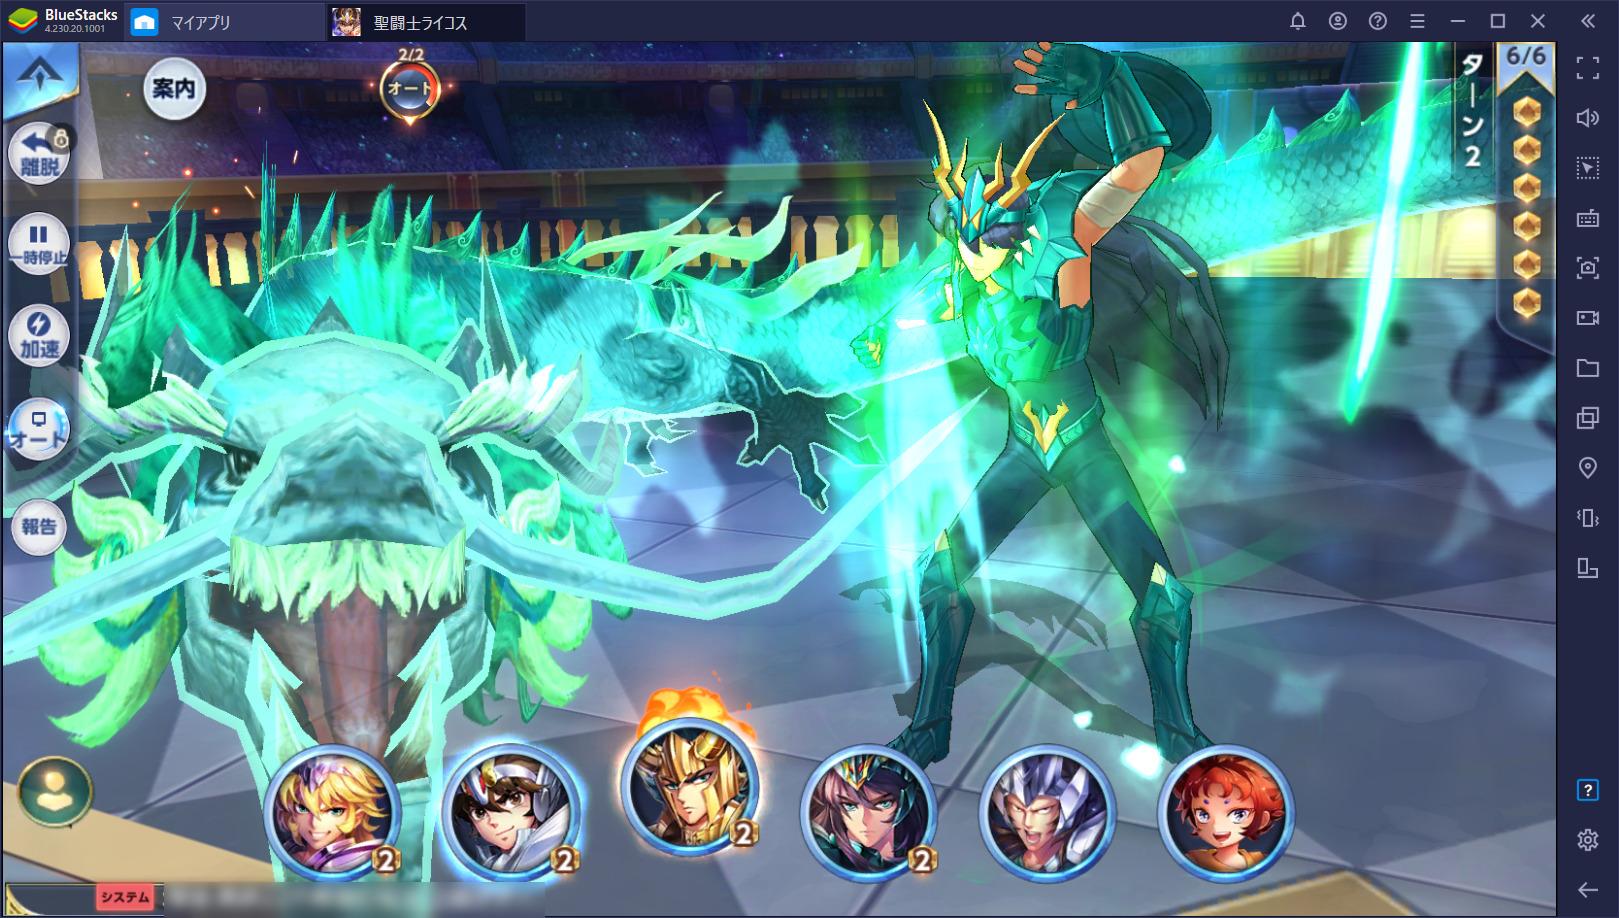 BlueStacksを使ってPCで『聖闘士星矢 ライジングコスモ』を遊ぼう